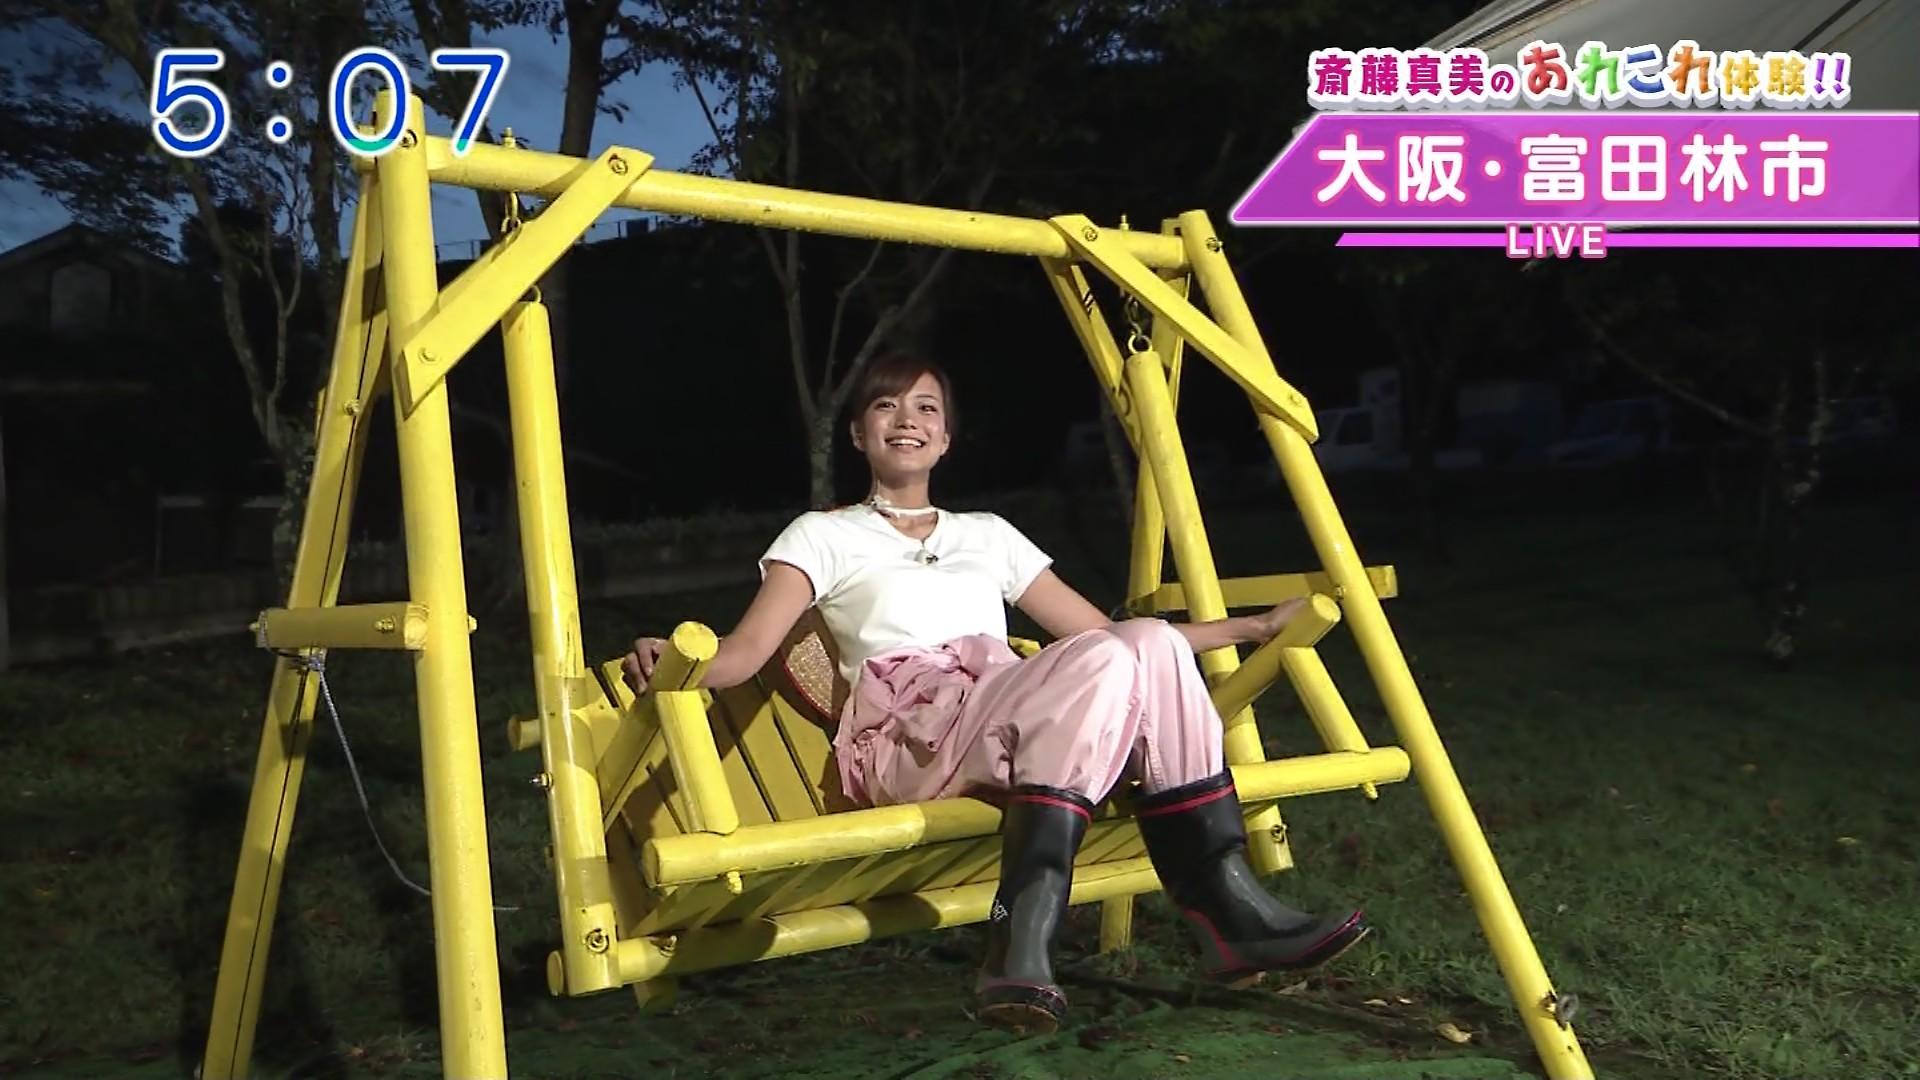 2019年9月5日「おはようコールABC」斎藤真美さんのテレビキャプチャー画像-047